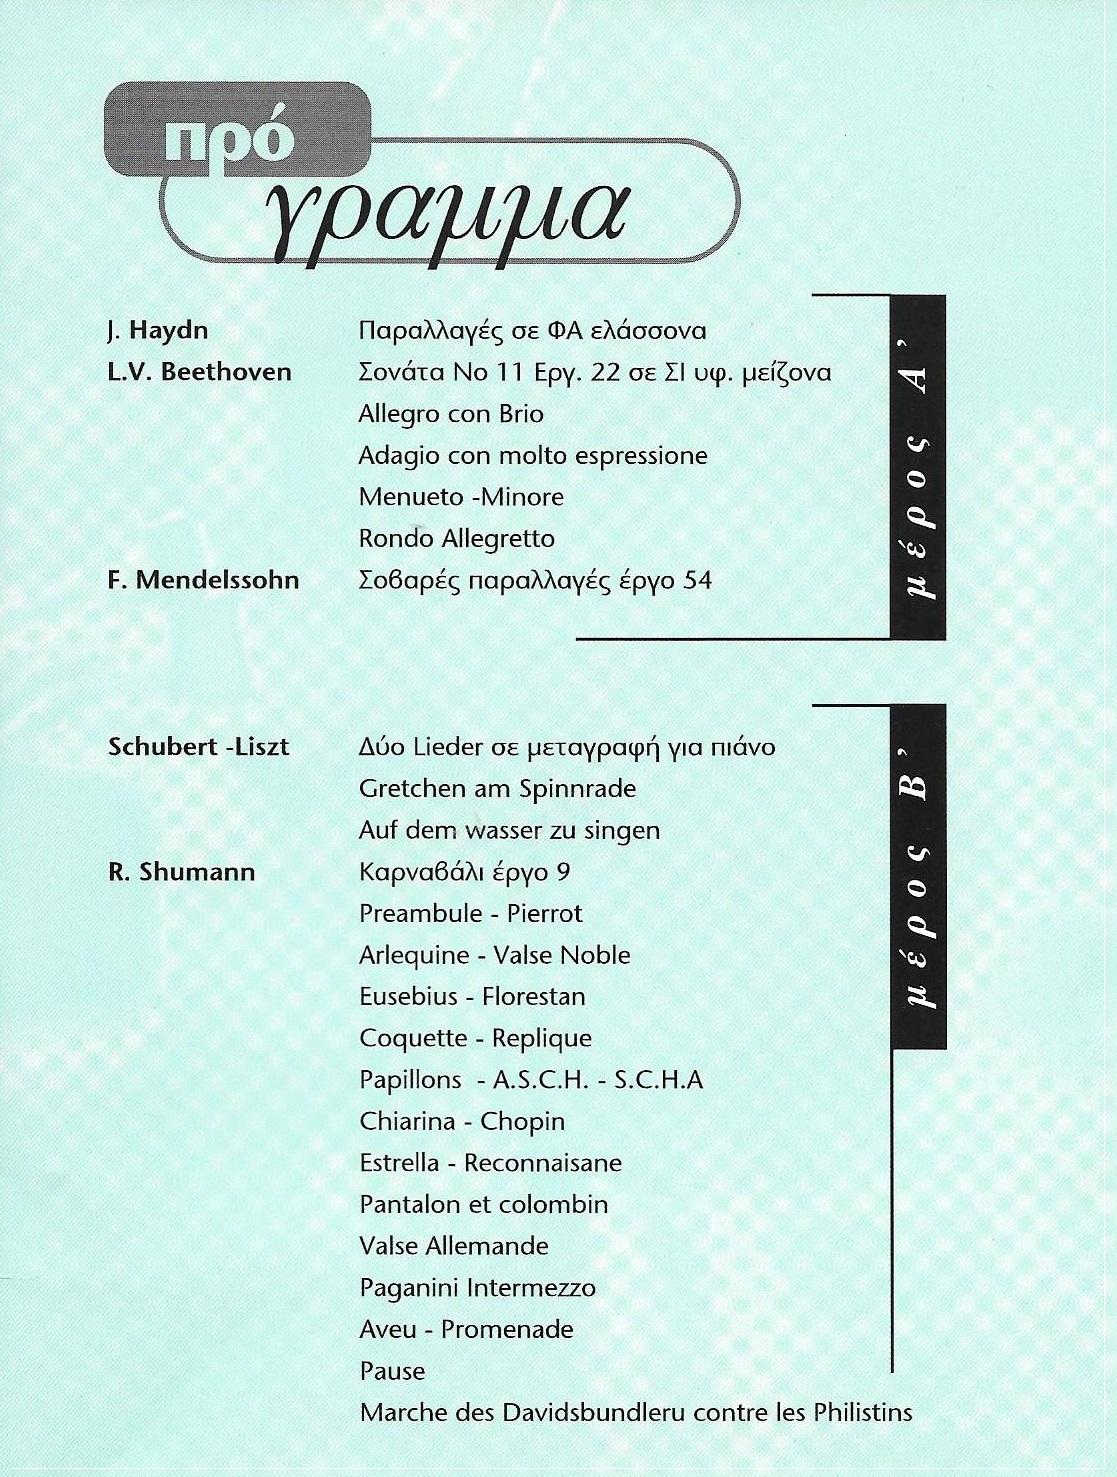 Ρεσιτάλ Πιάνου του Άρη Γραικούση σε έργα των Beethoven, Mendelssohn, Shubert, Listz, Shumann